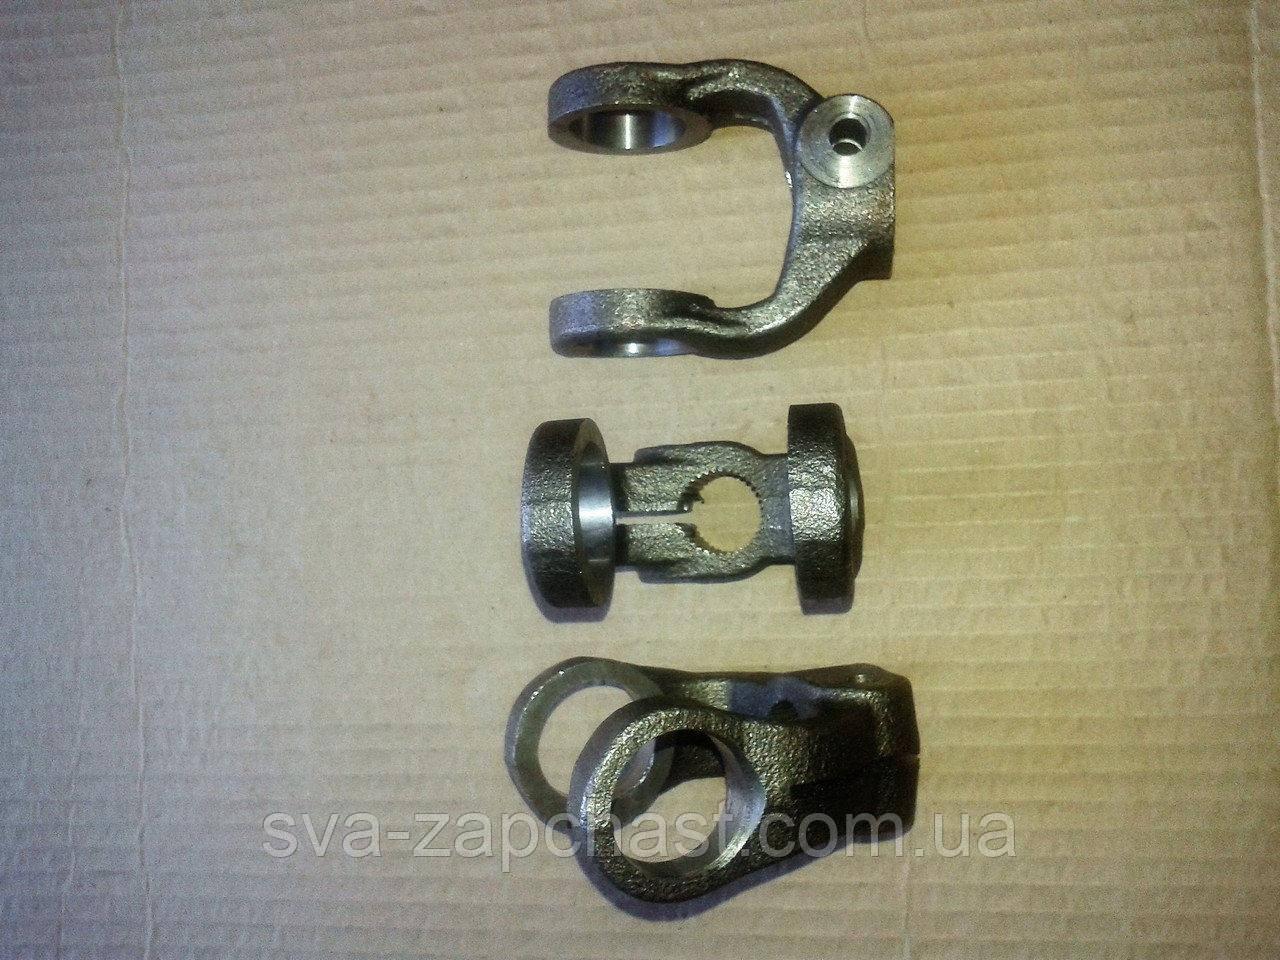 Вилка рулевого кардана КАМАЗ-4310 шлицевая 4310-3422027